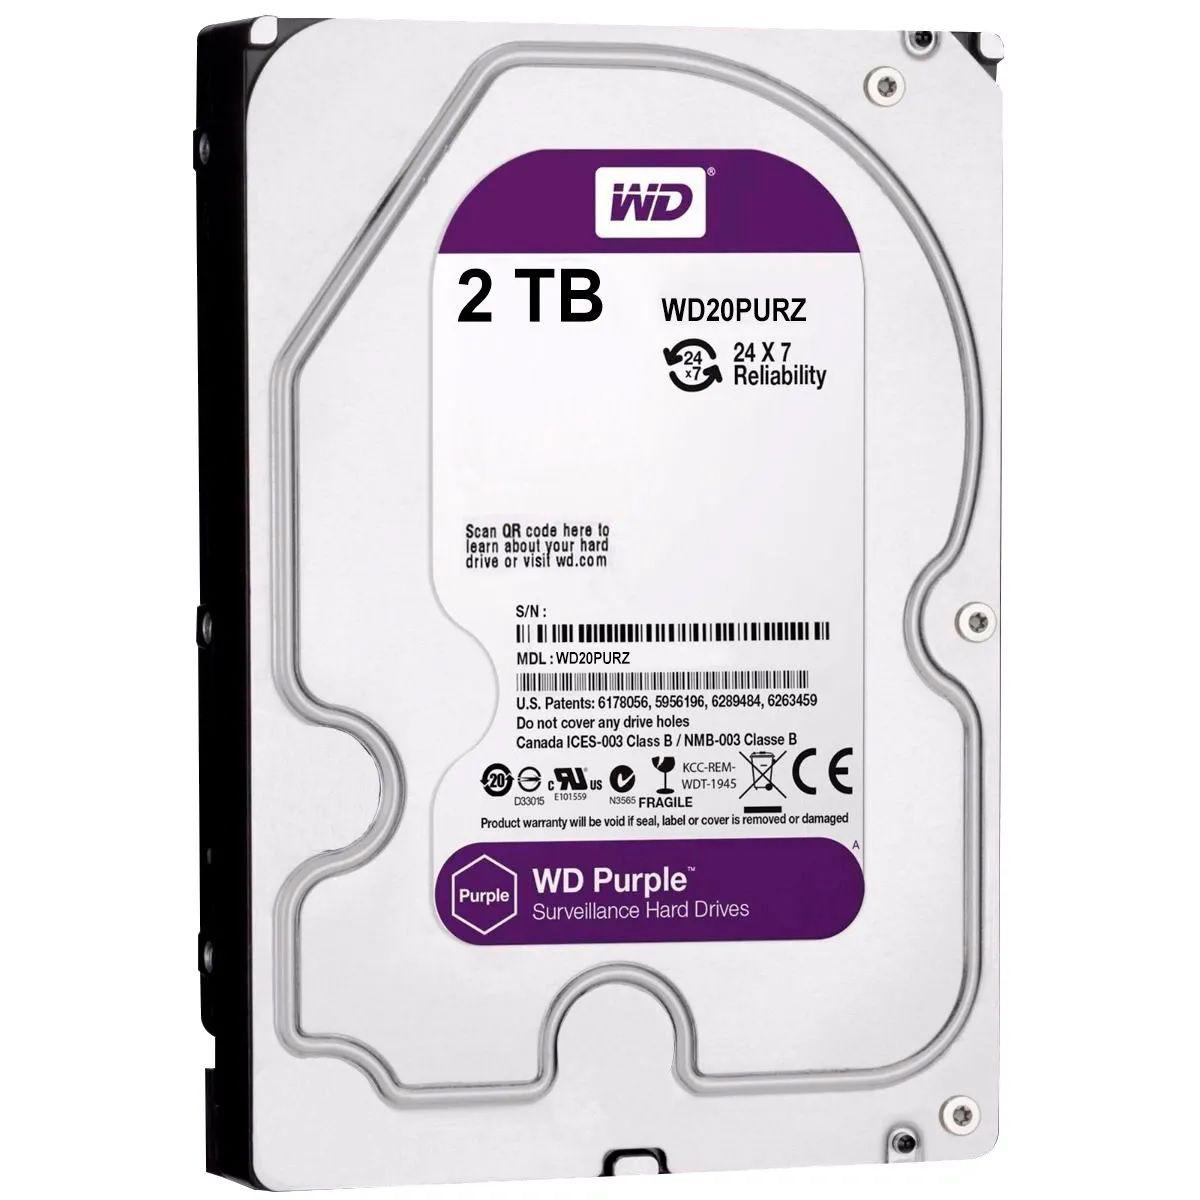 HD Interno Wd Purple 2-TB Sata 5400rpm 64mb Intelbras